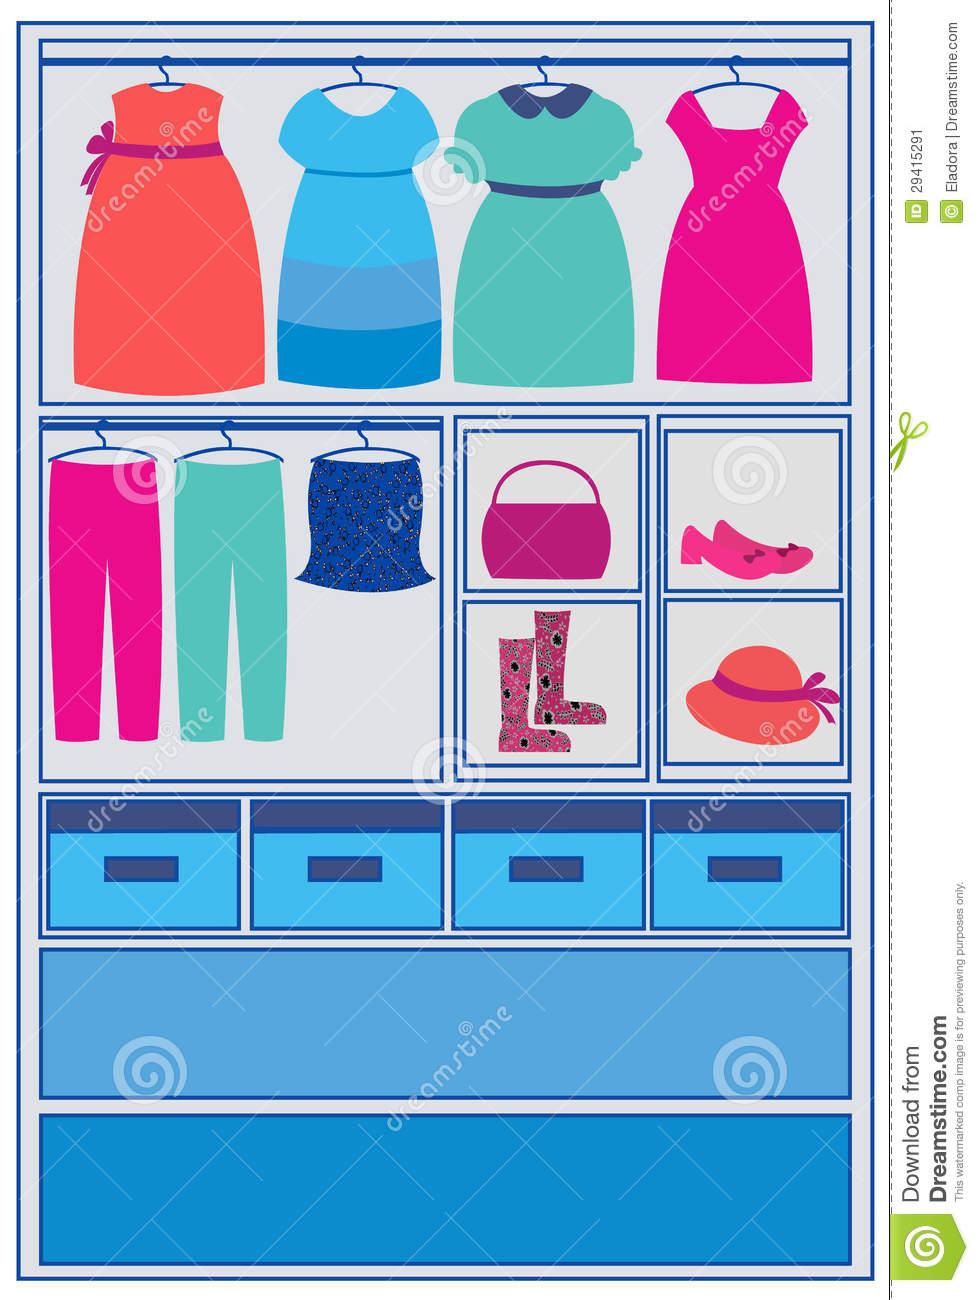 Closet Clipart Look At Closet Clip Art Images